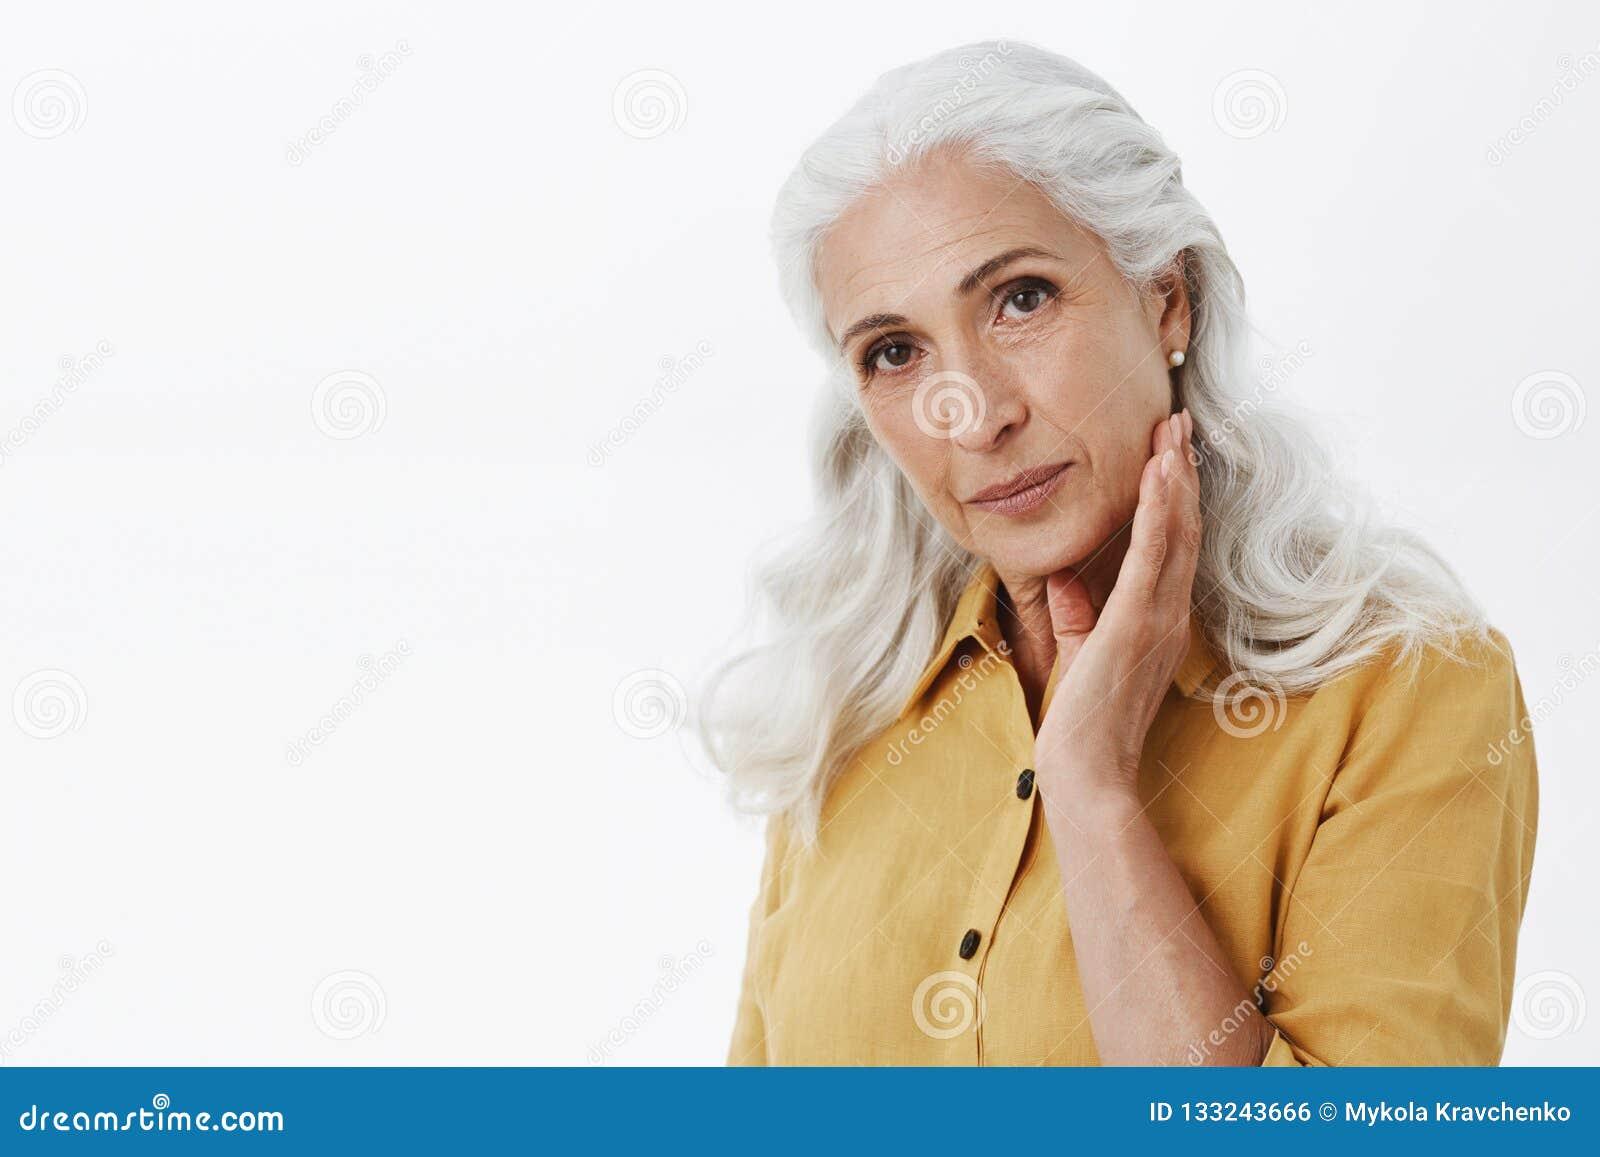 Βέβαια και θηλυκή κομψή ηλικιωμένη γυναίκα με τη μακριά άσπρη τρίχα στο μοντέρνο κίτρινο παλτό τάφρων σχετικά με το πρόσωπο ήπια